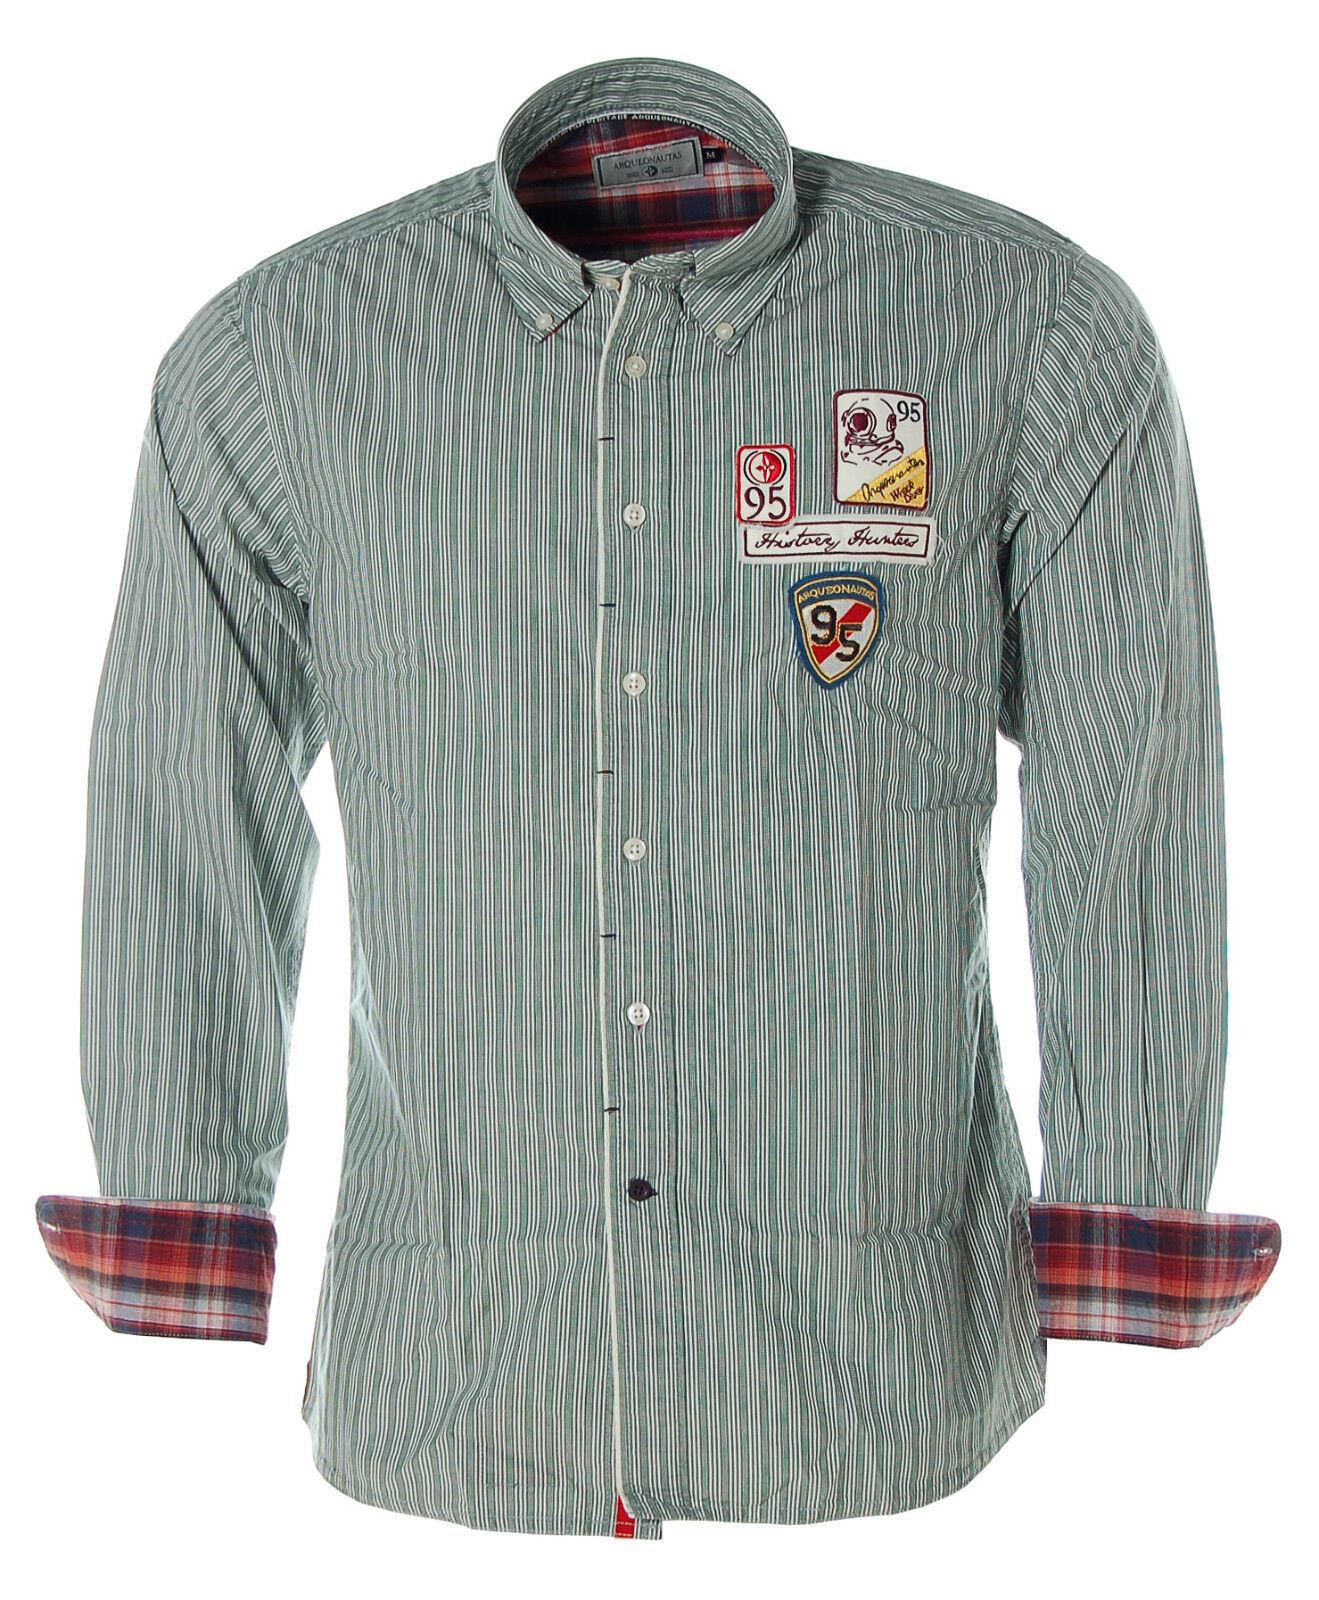 A1518 Arqueonautas Streifenhemd Streifen Hemd M grün NEU     | Garantiere Qualität und Quantität